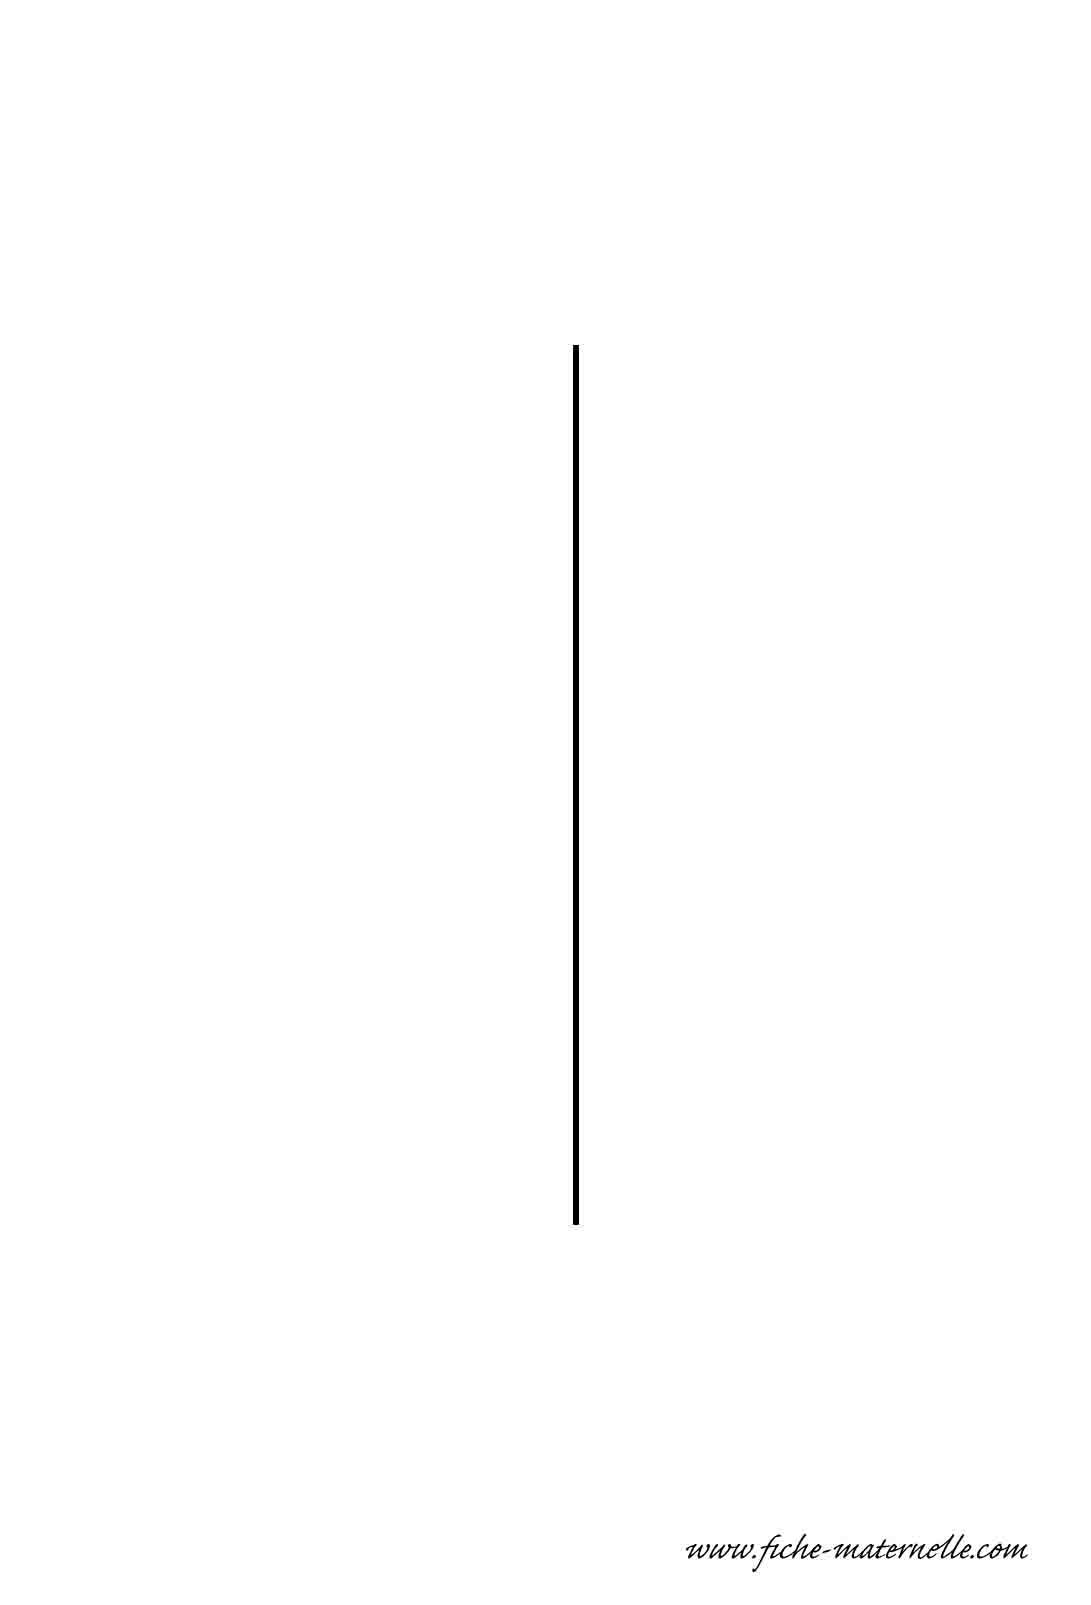 Lettre de l 39 alphabet d corer la lettre capitale i fil de fer - Lettres de l alphabet a decorer ...